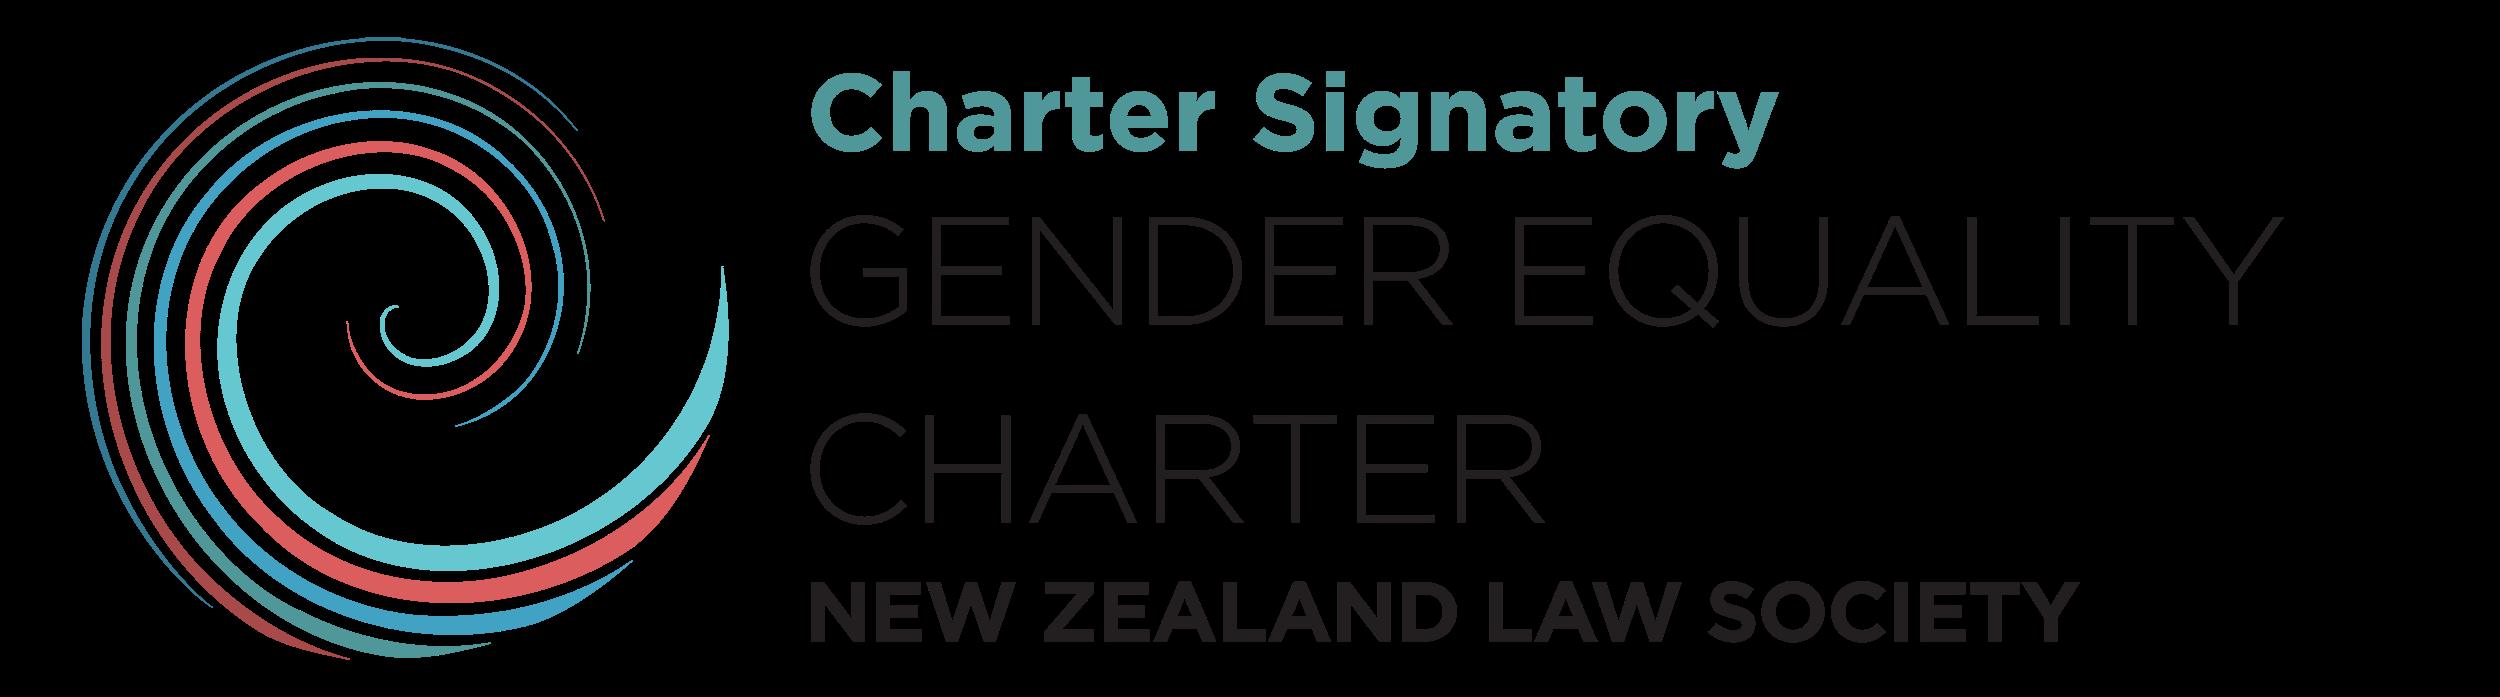 Gender Equality Charter signatory logo.png